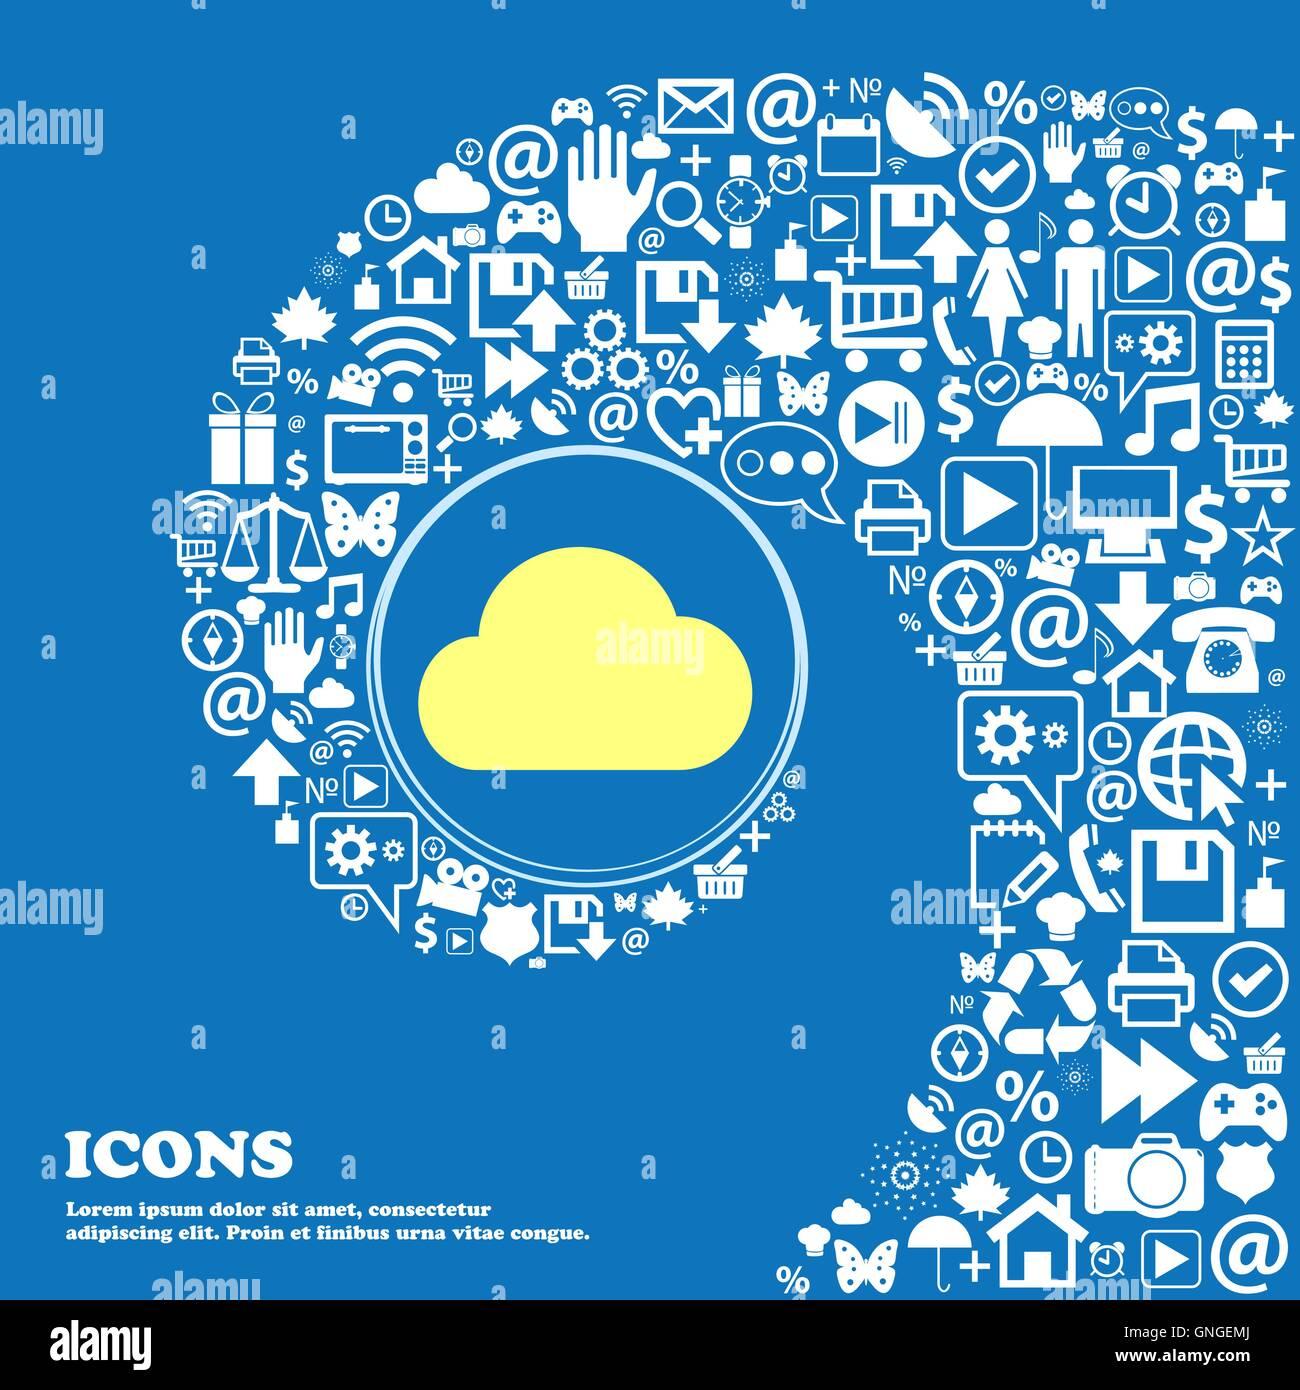 Il cloud simbolo segno. Bella serie di belle icone spirale intrecciata nel centro di una grande icona. Vettore Illustrazione Vettoriale